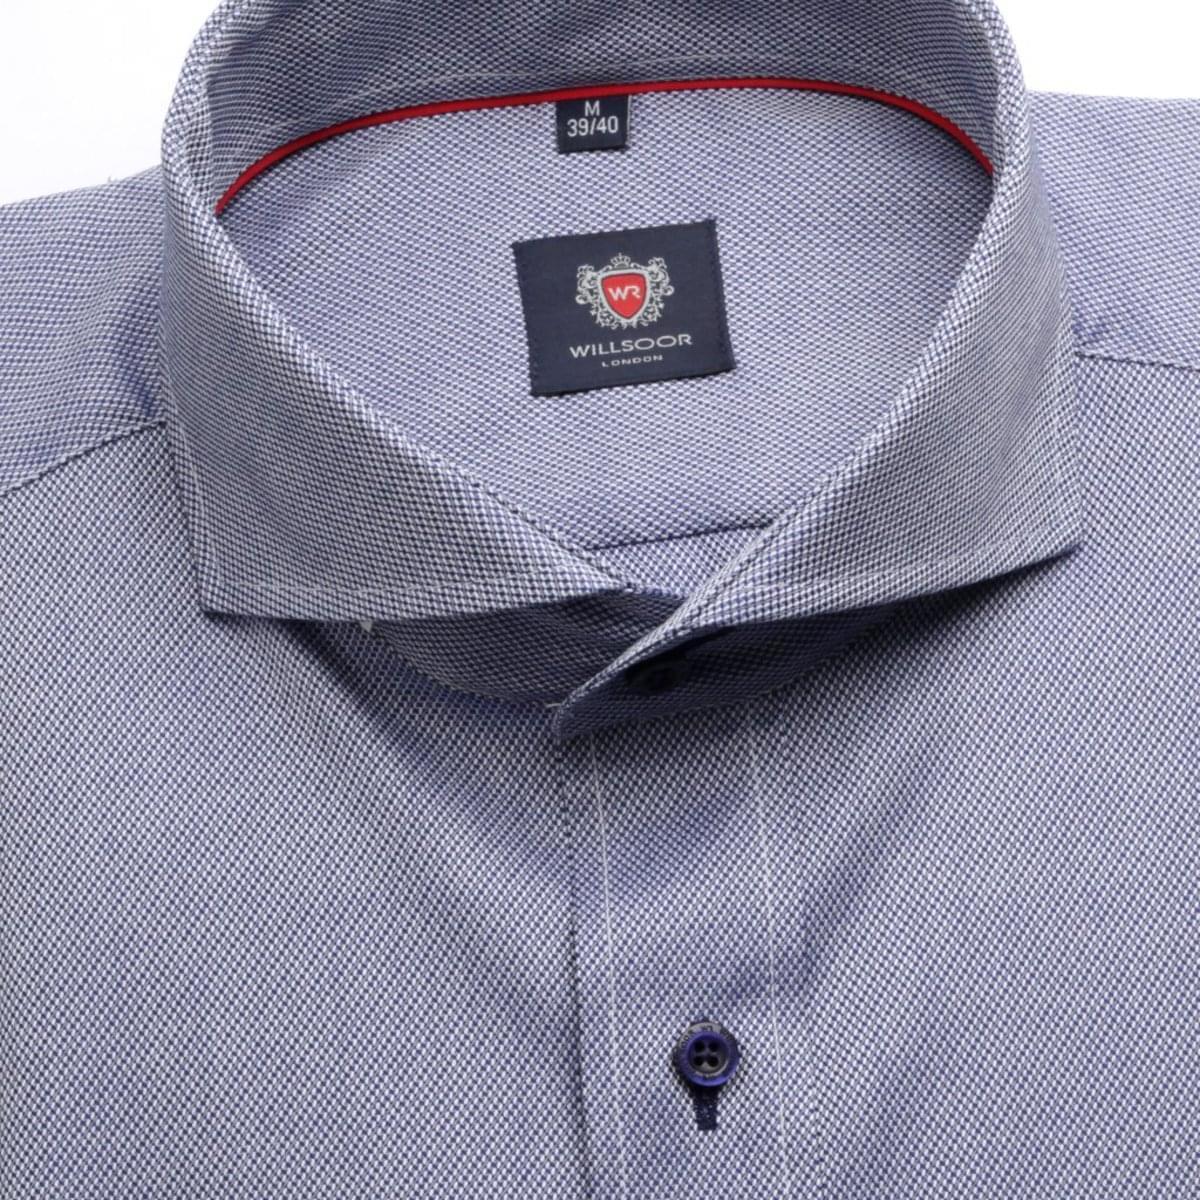 Pánská klasická košile London (výška 176-182) 6326 v modré barvě s úpravou easy care 176-182 / XL (43/44)